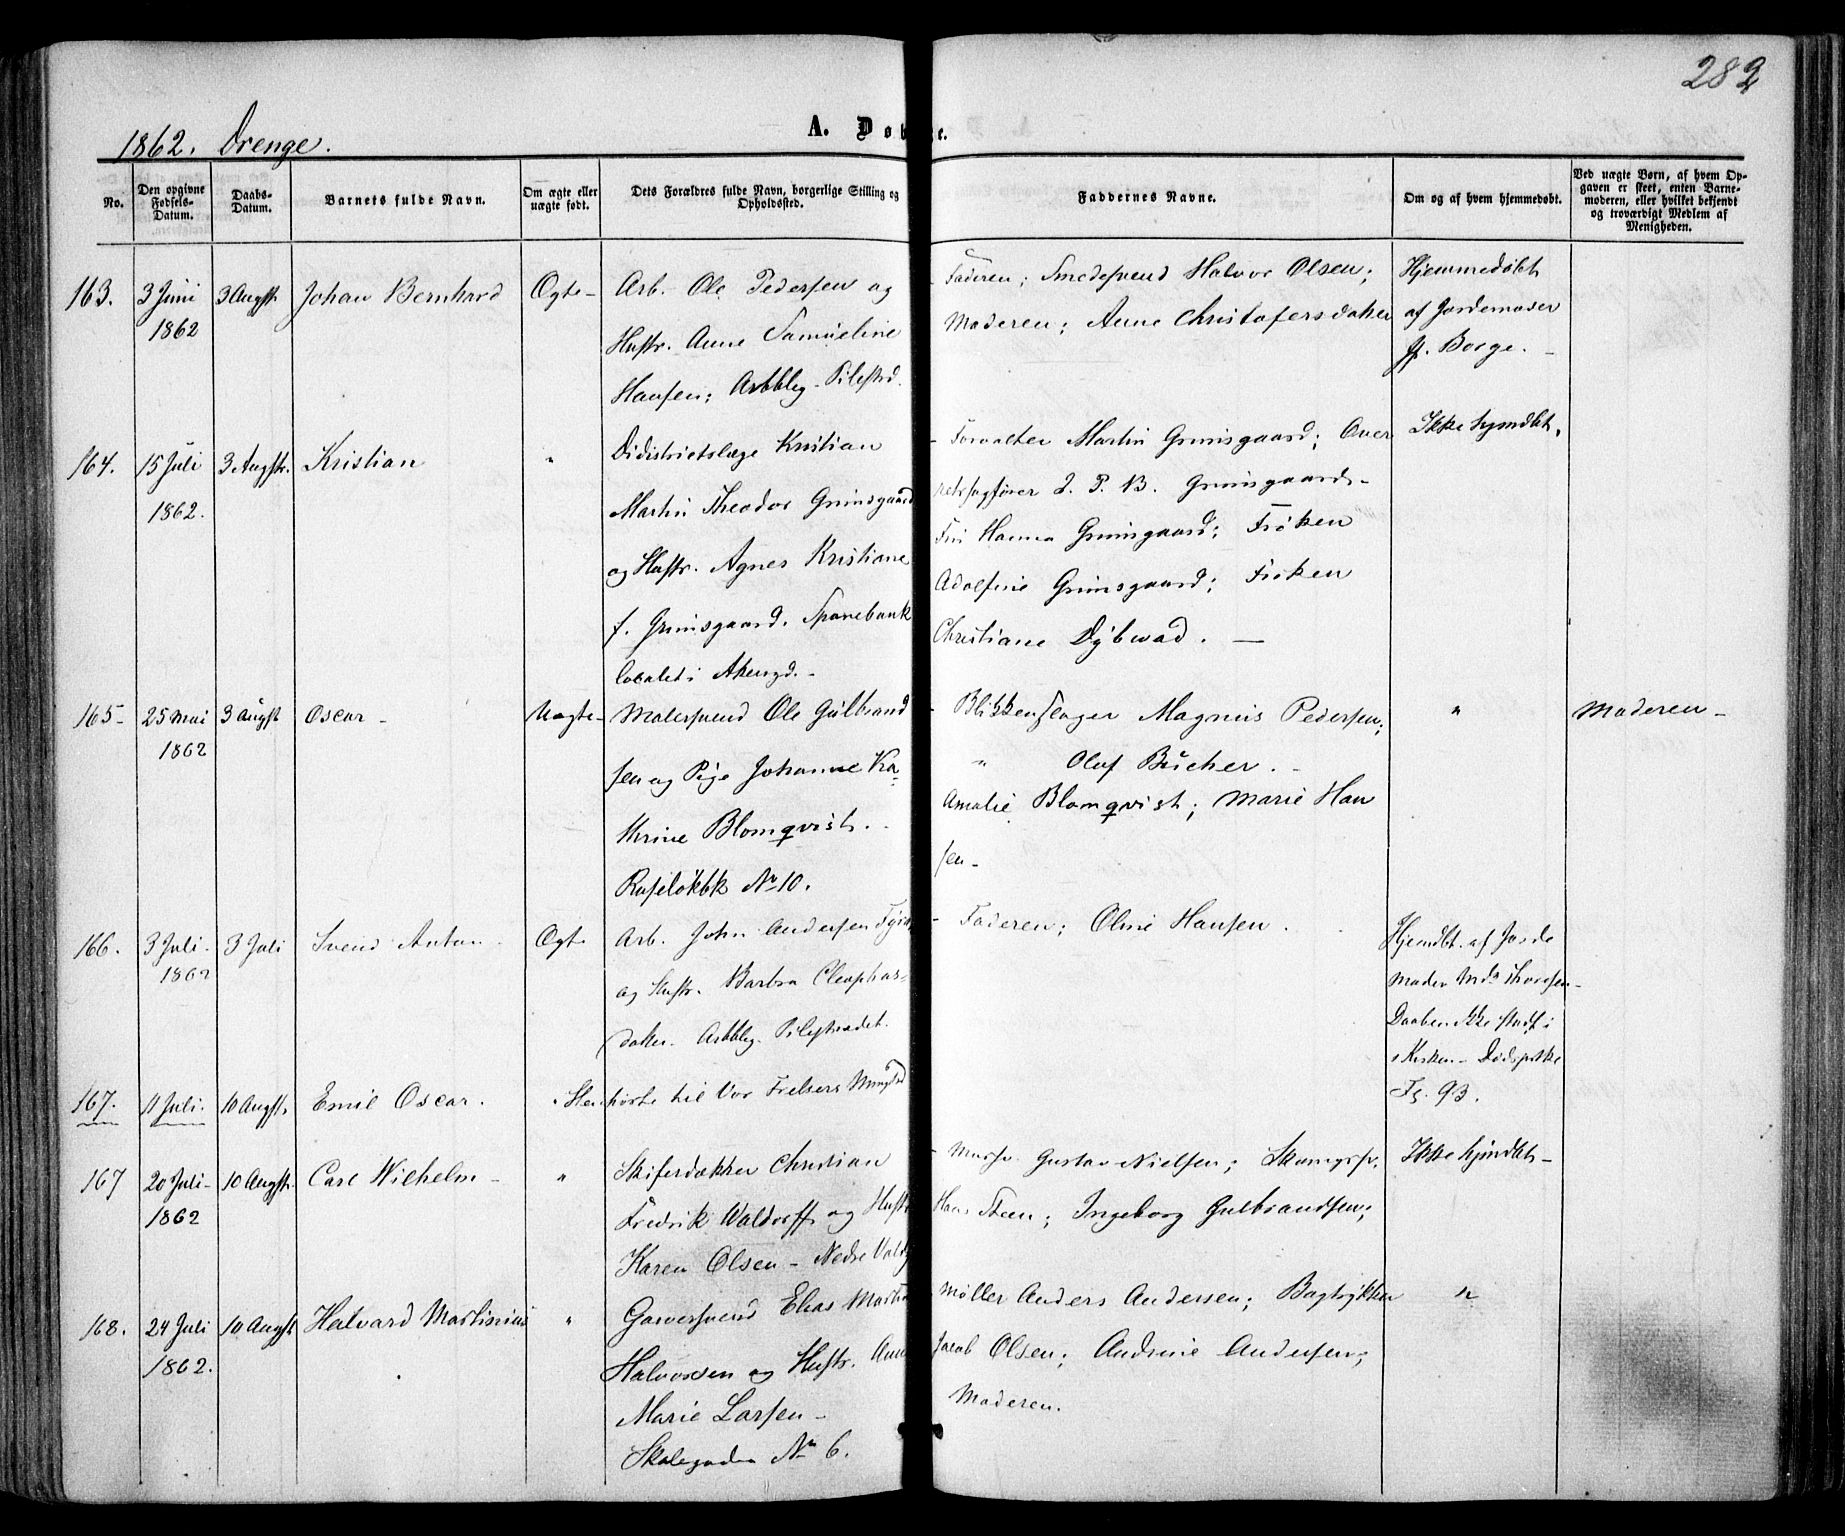 SAO, Trefoldighet prestekontor Kirkebøker, F/Fa/L0001: Ministerialbok nr. I 1, 1858-1863, s. 282